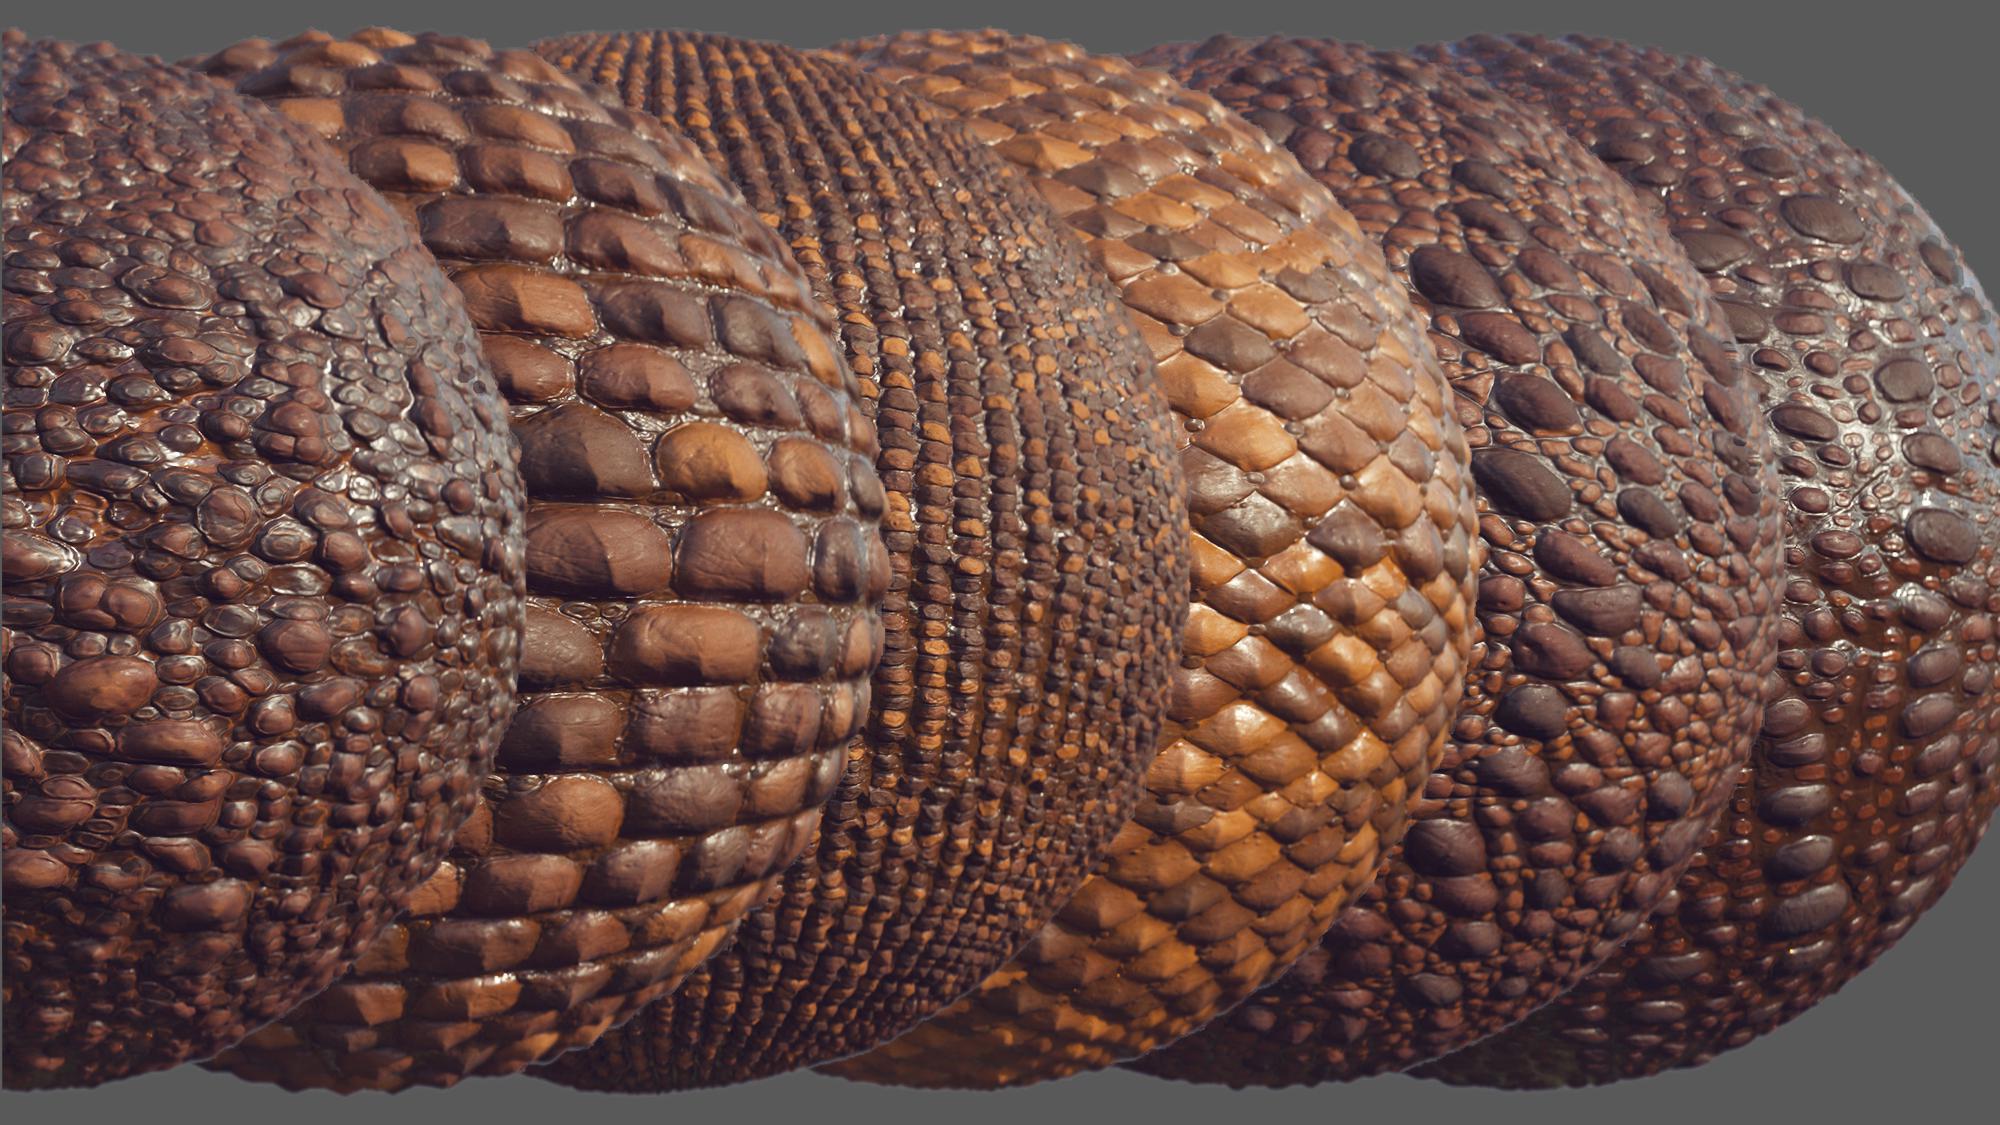 Sketchfab Community Blog - Art Spotlight: Allosaurus